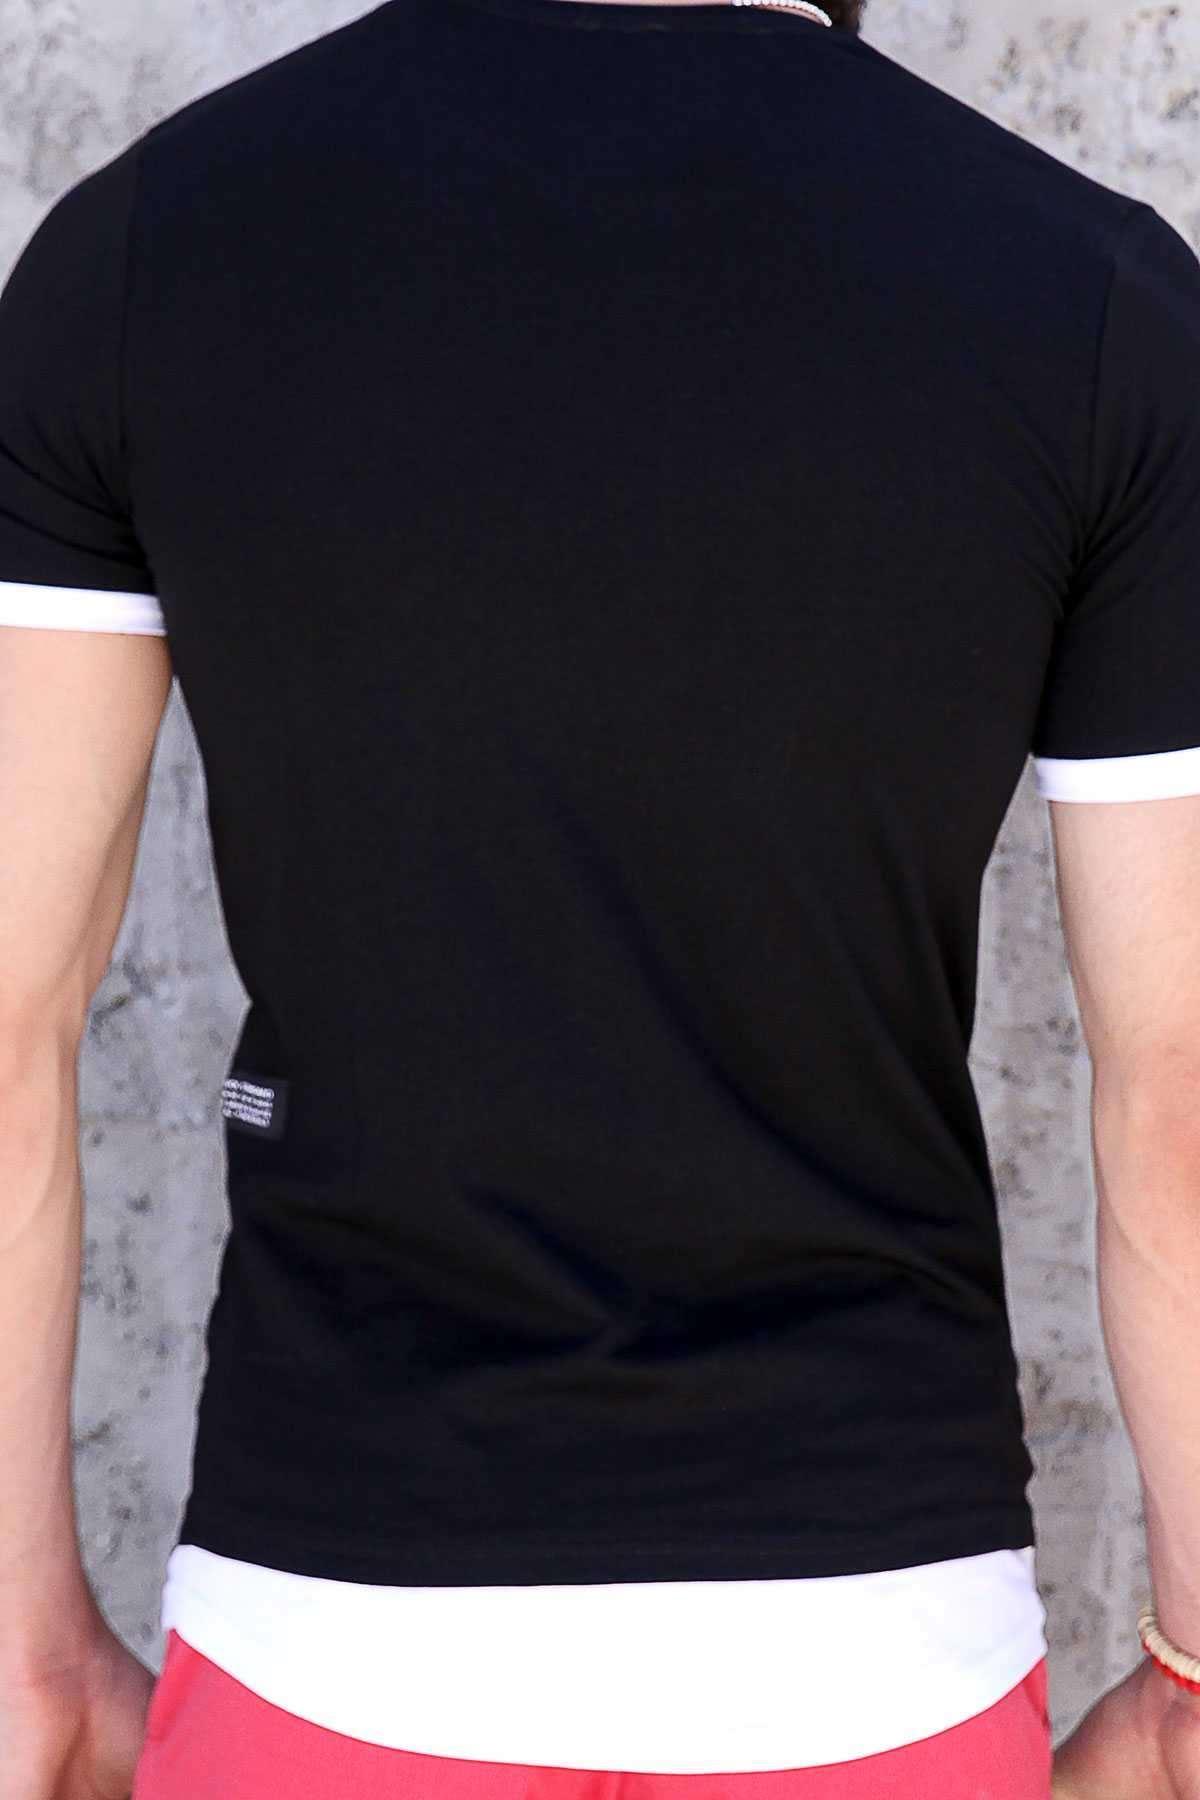 Önü Kuru Kafa Baskılı Are You Ready Yazılı Tişört Siyah